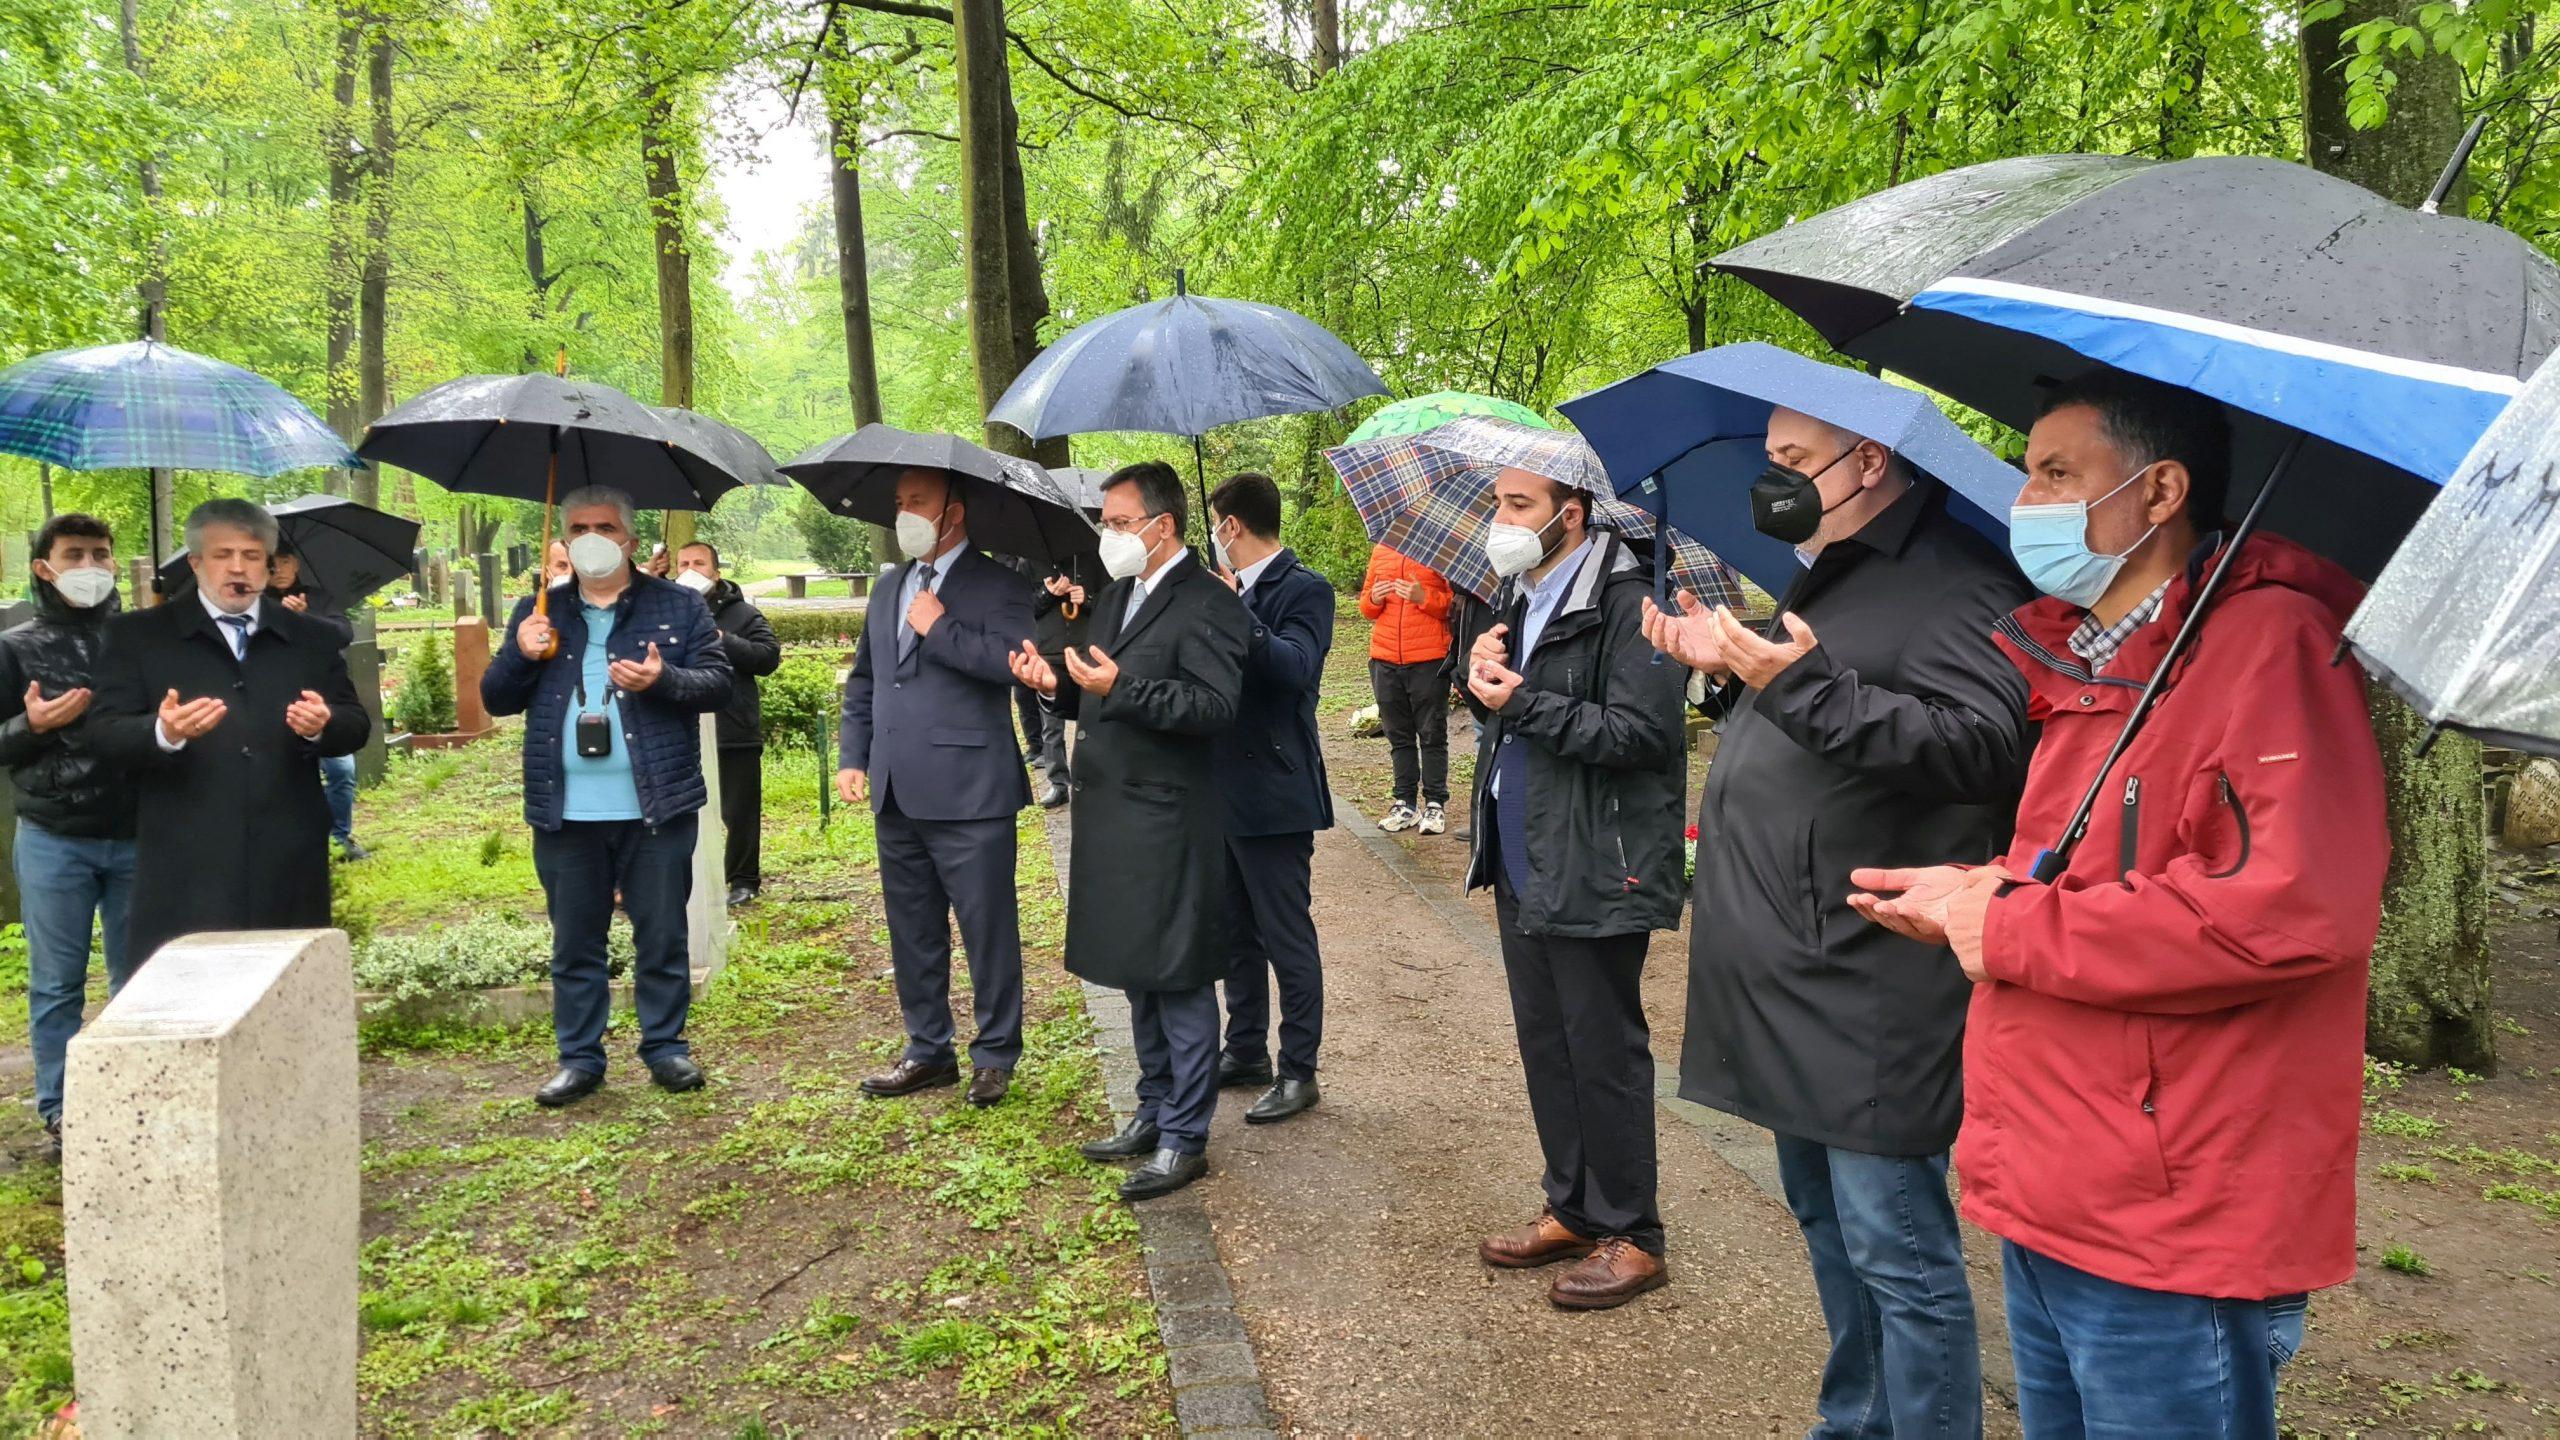 Nürnberg'de iki ayrı toplu mezar ziyareti yapıldı